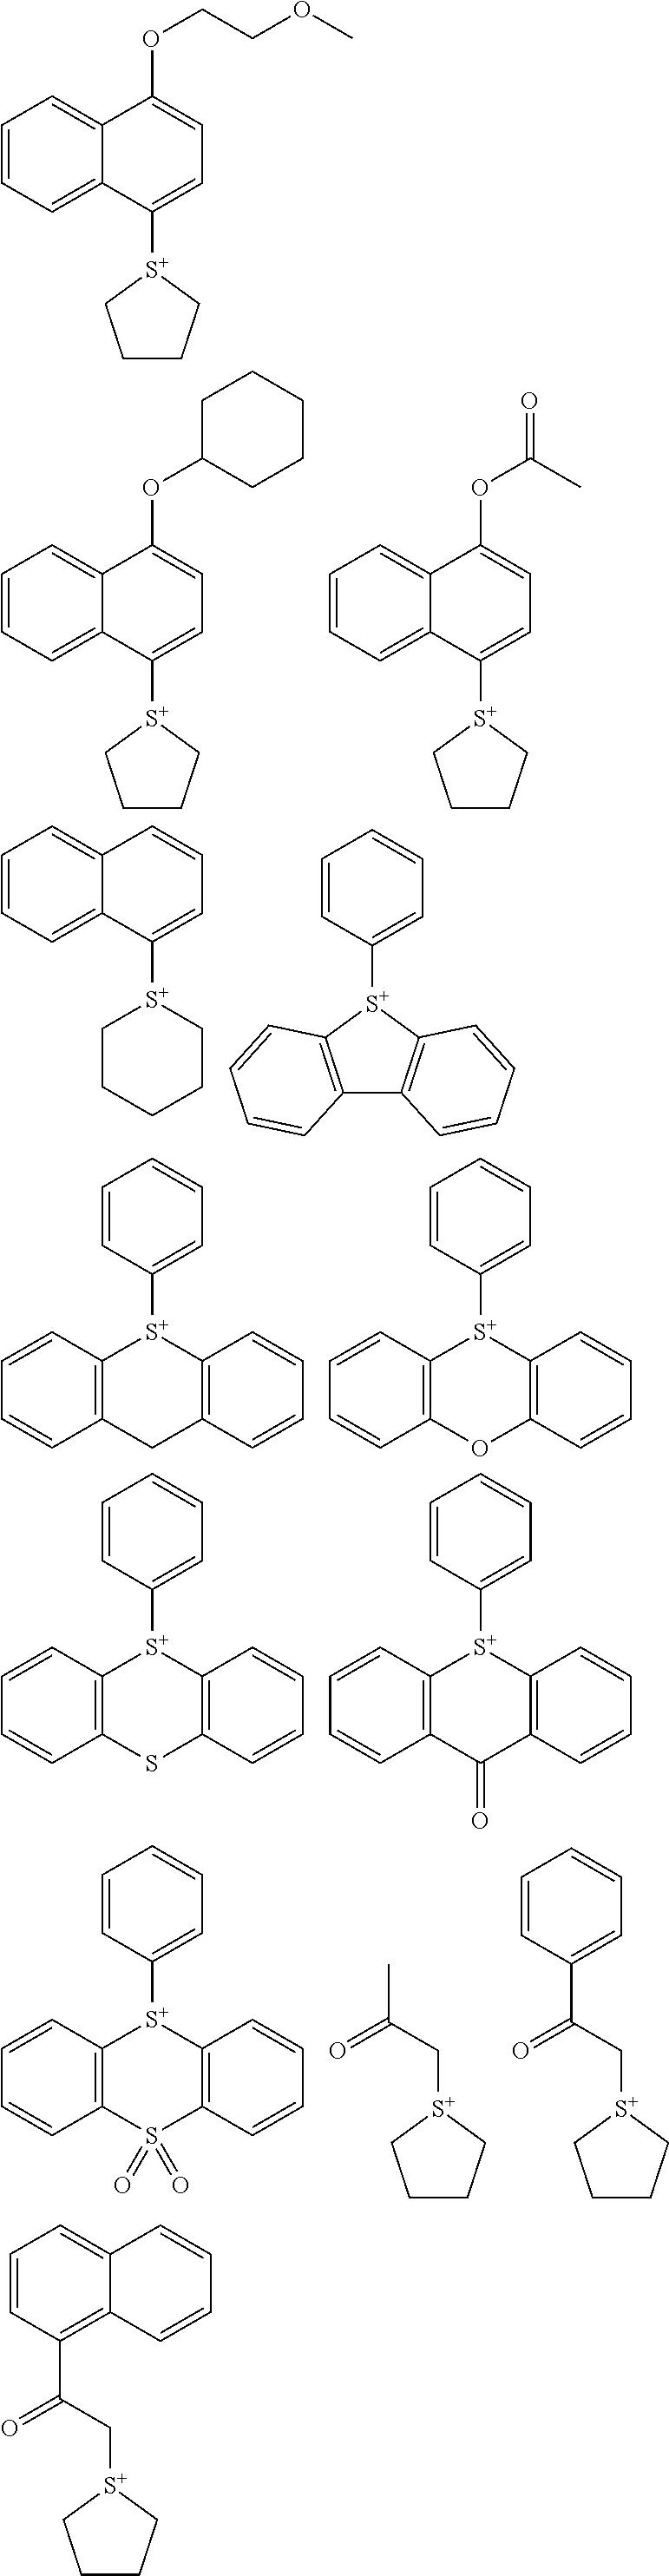 Figure US08822136-20140902-C00106